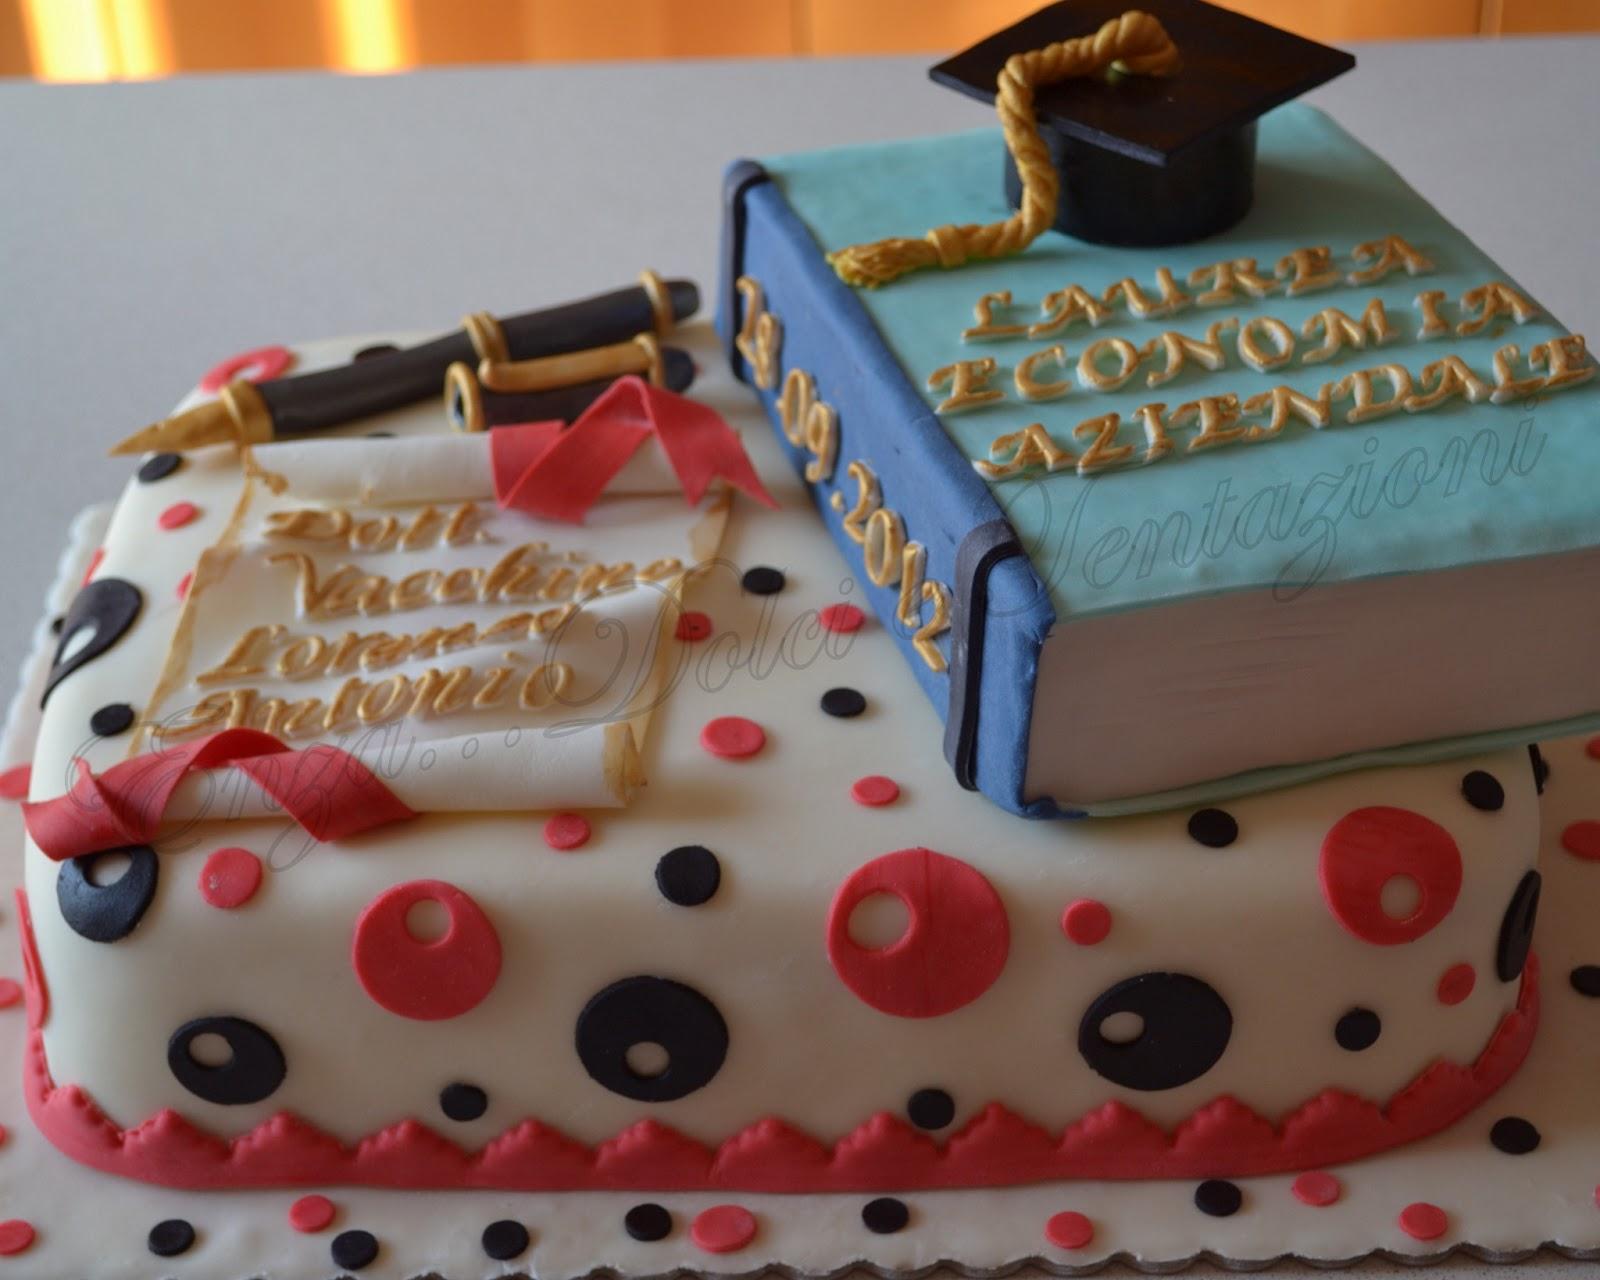 Popolare dolci-decorazionietentazioni: Torta per Laurea in Economia AZ68